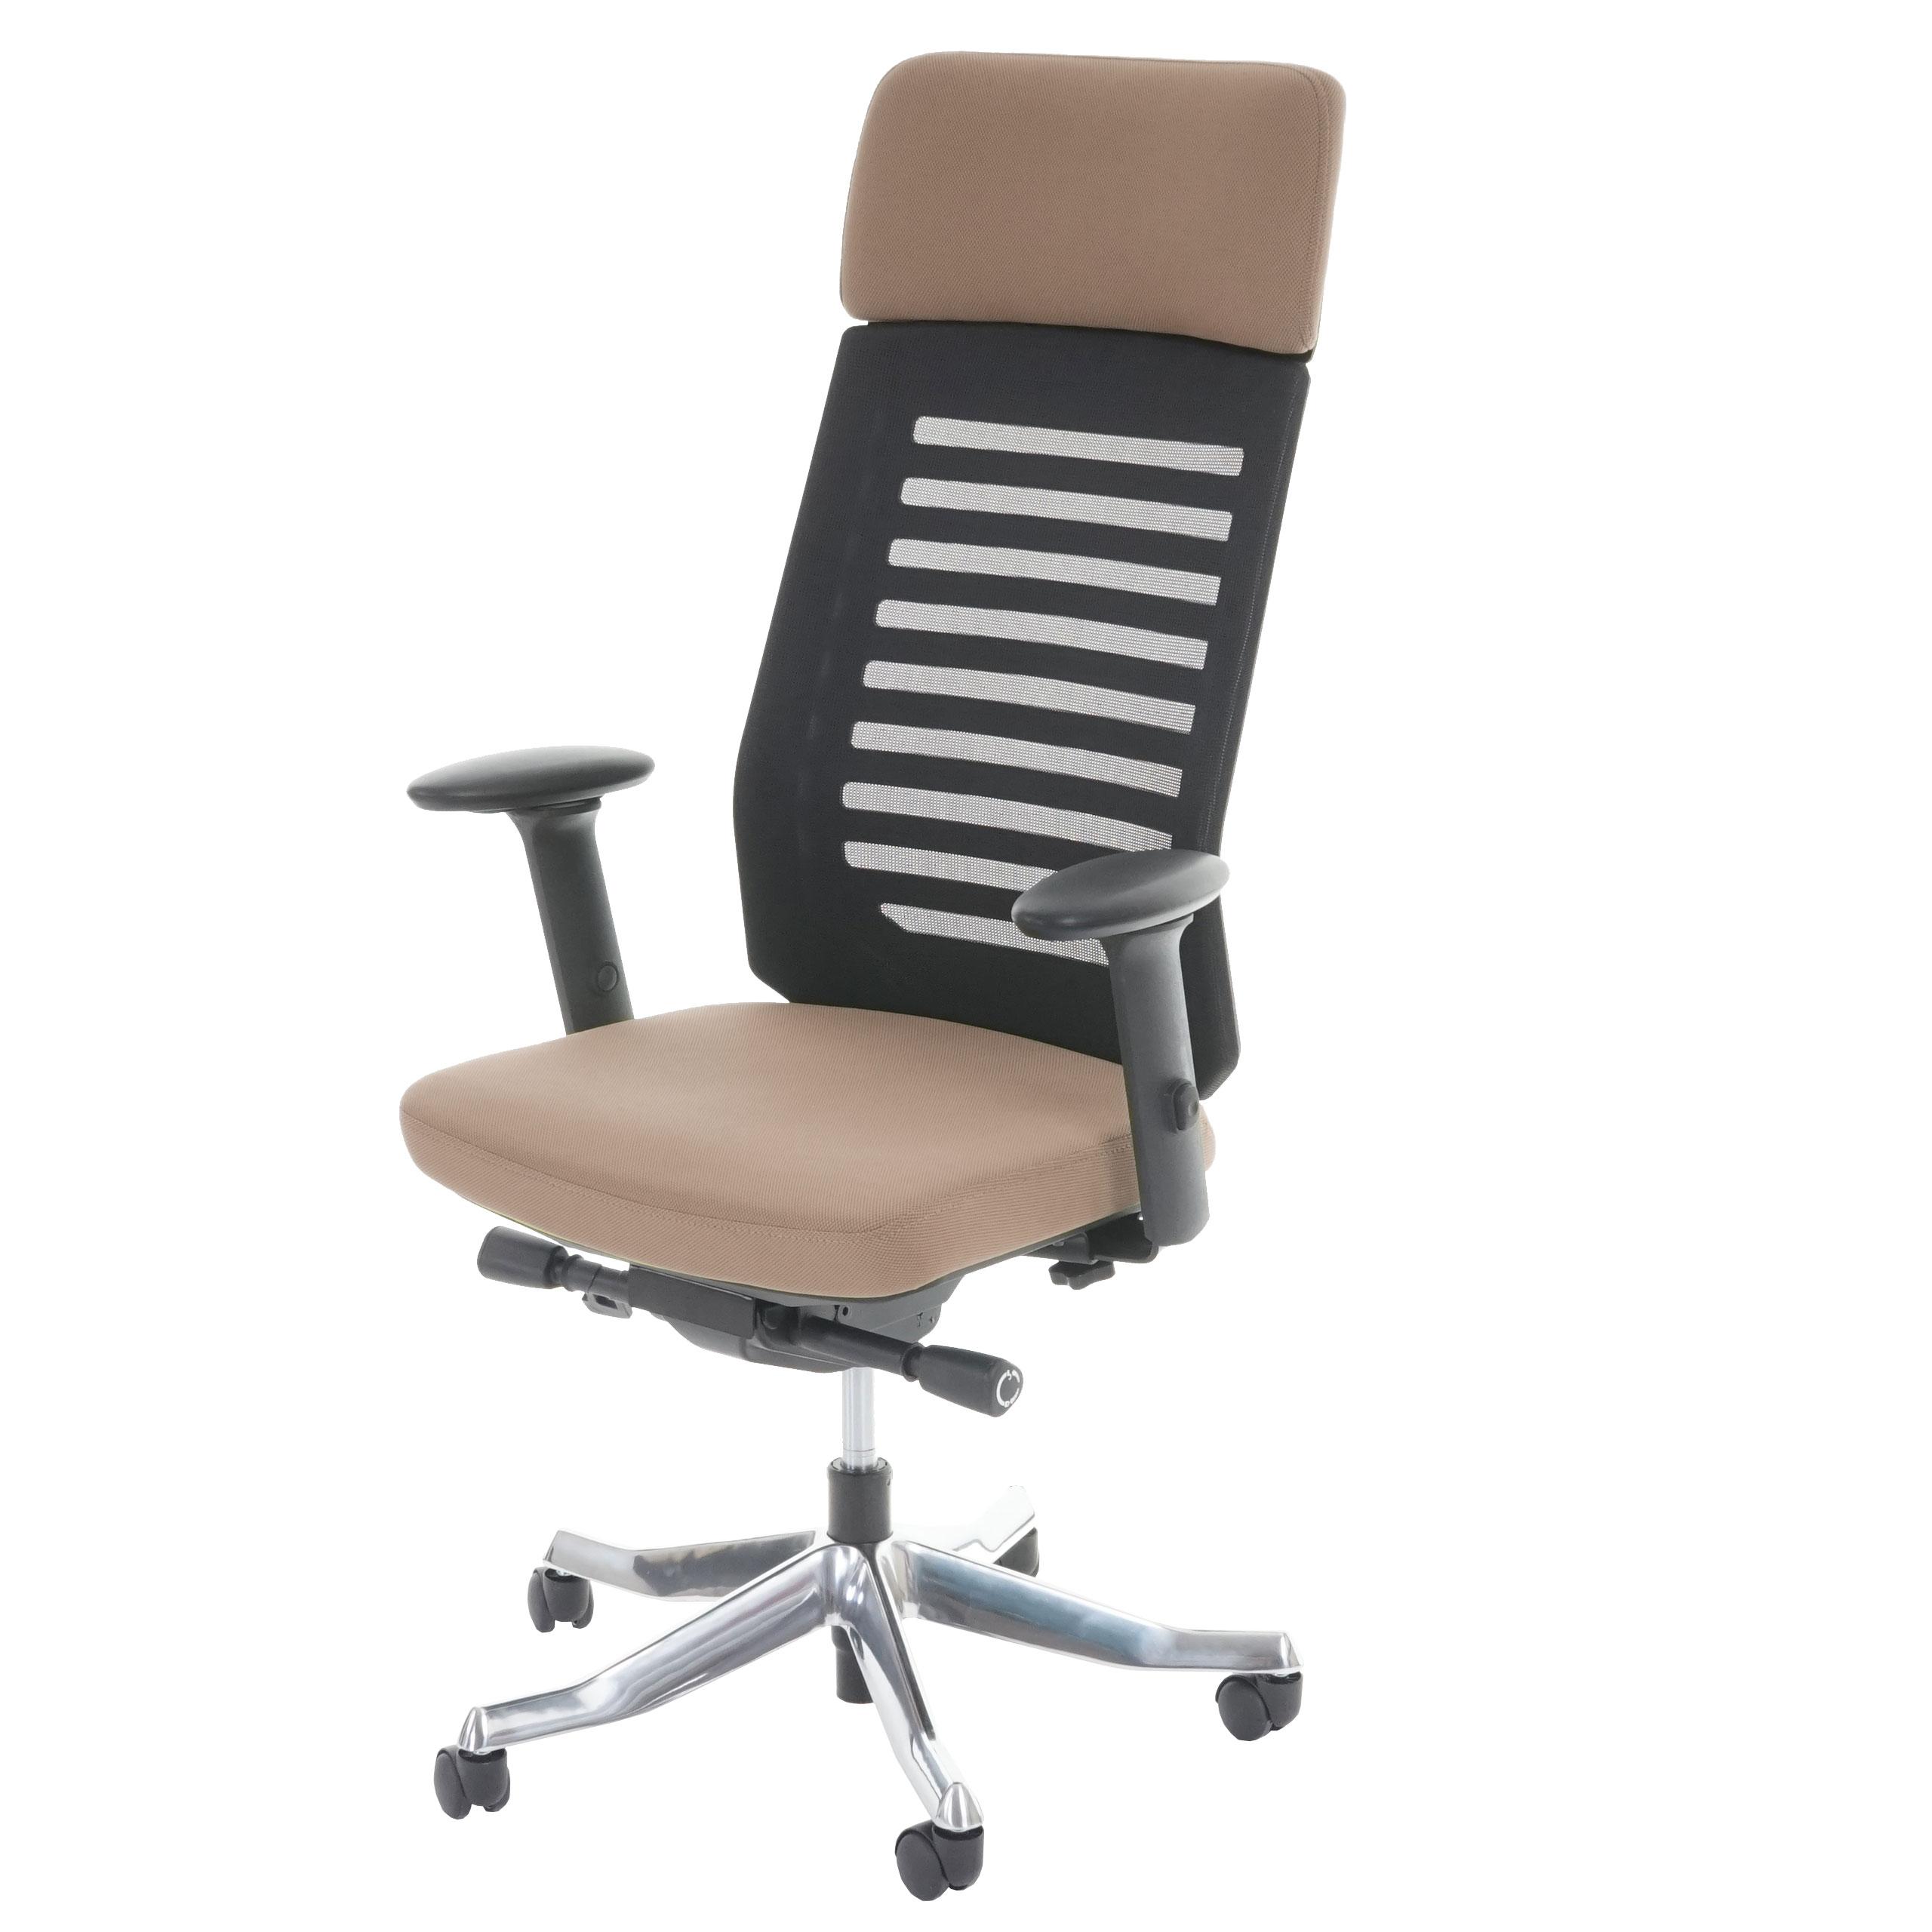 Bürostuhl ergonomisch holz  MERRYFAIR Velo, Schreibtischstuhl mit Kopfstütze, Sliding-Funktion ...